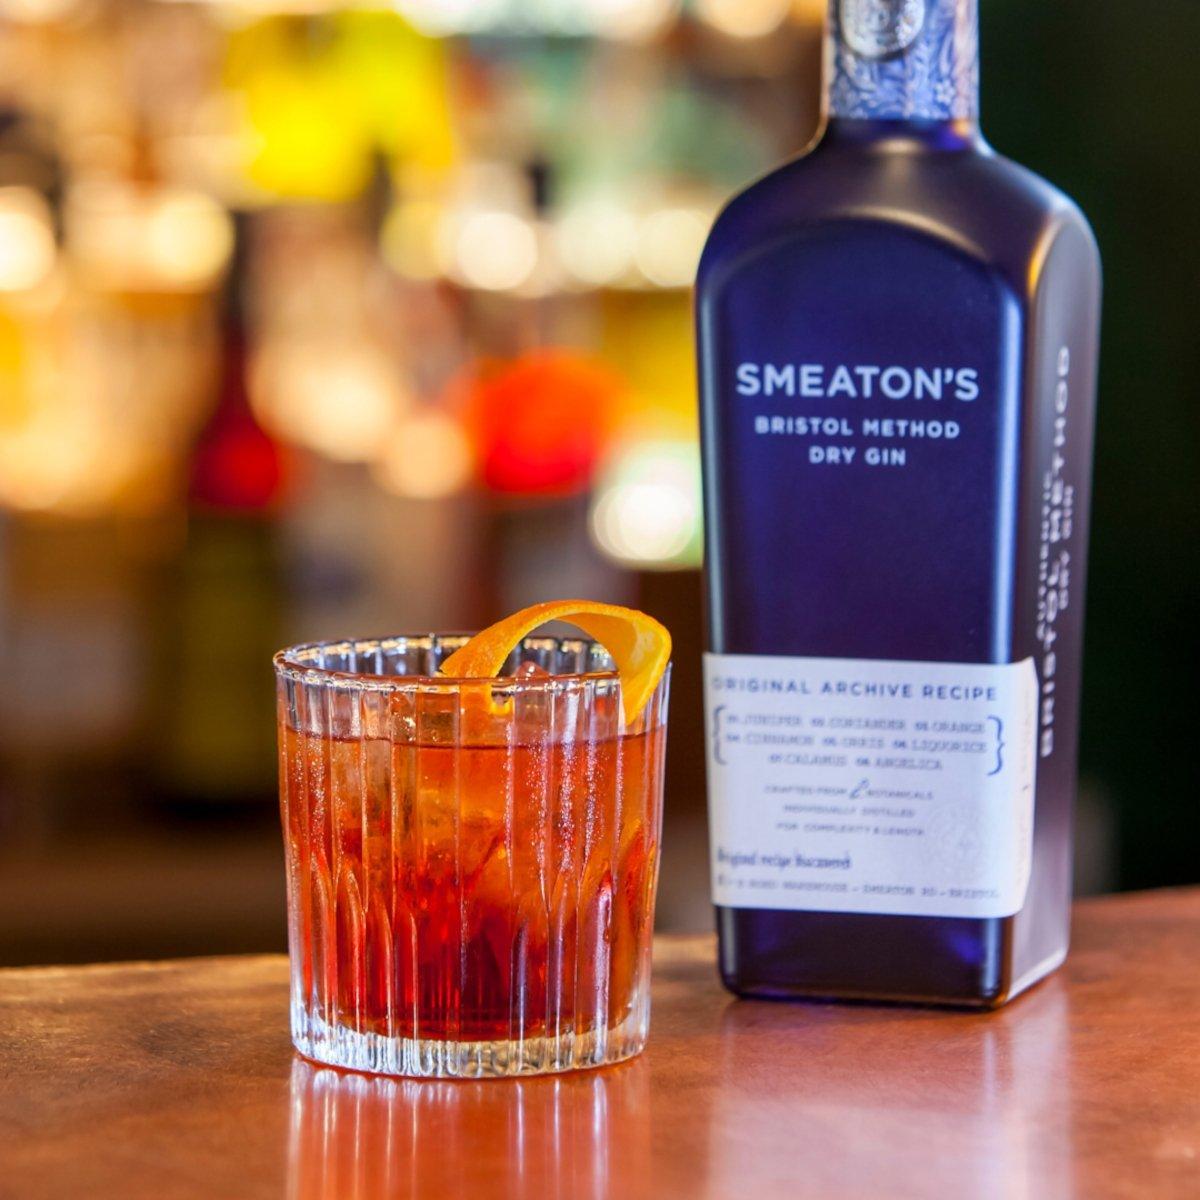 Botella y cóctel de Smeaton's Bristol